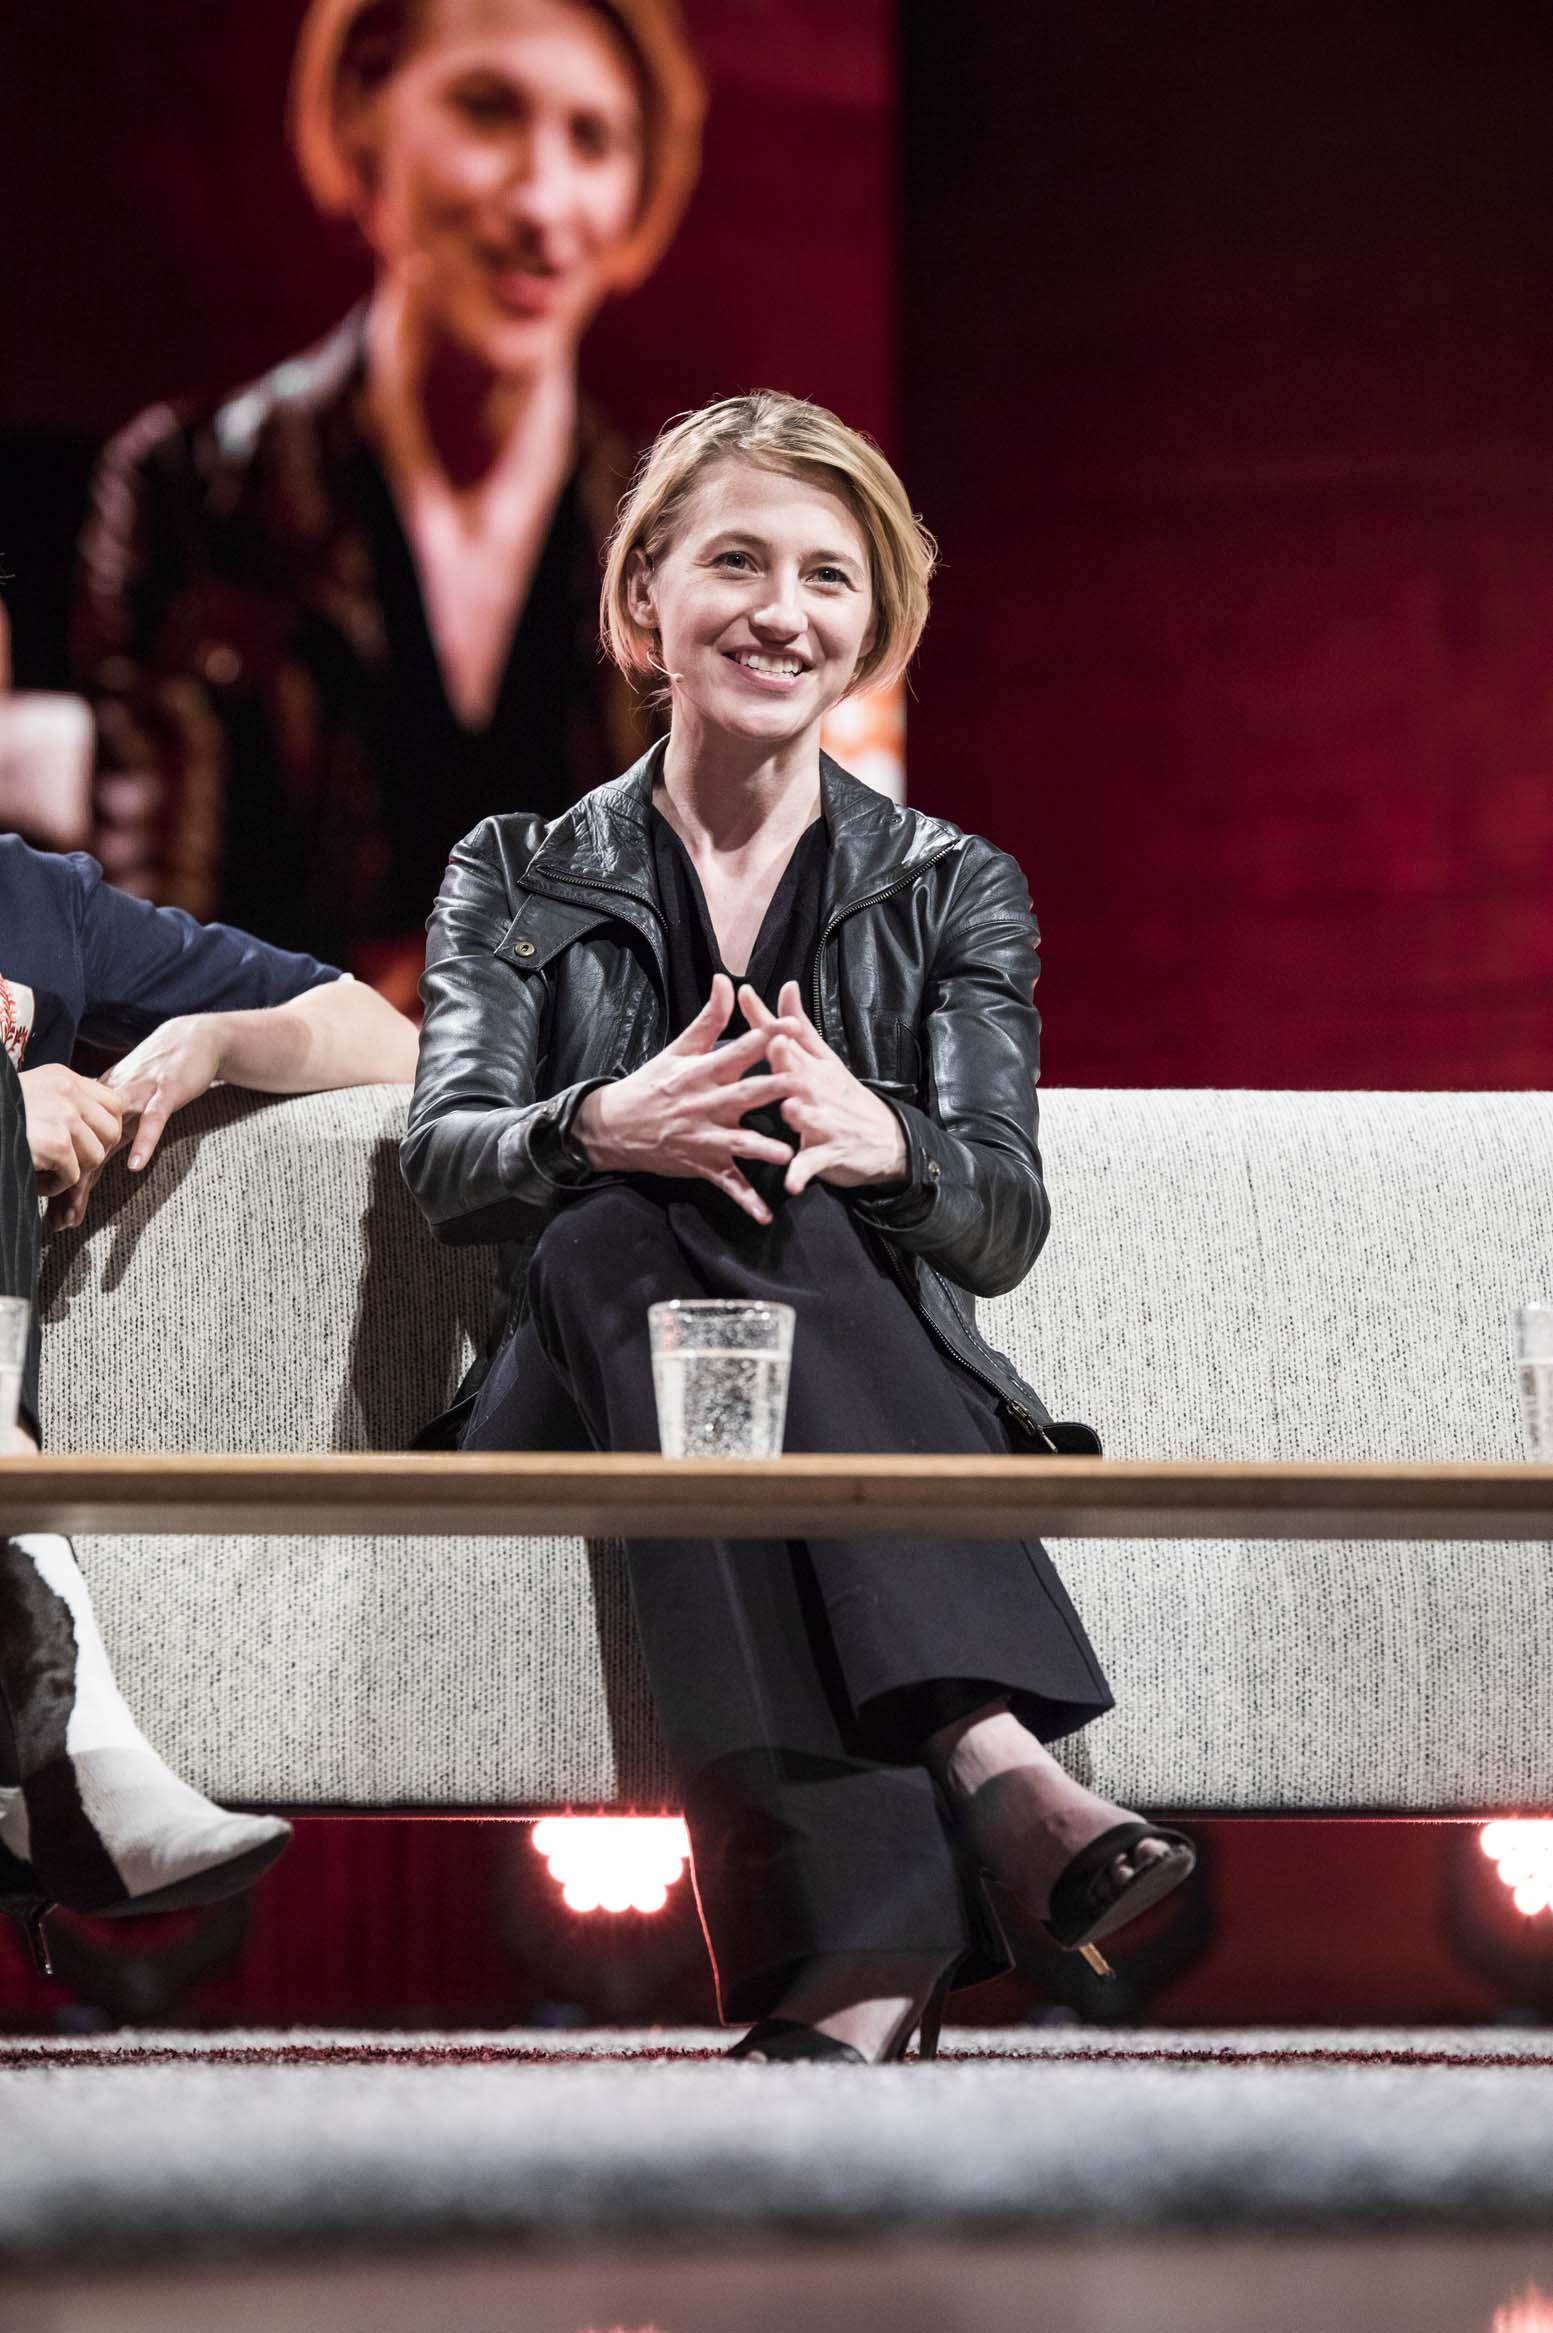 Sara speaking at the Copenhagen Fashion Summit